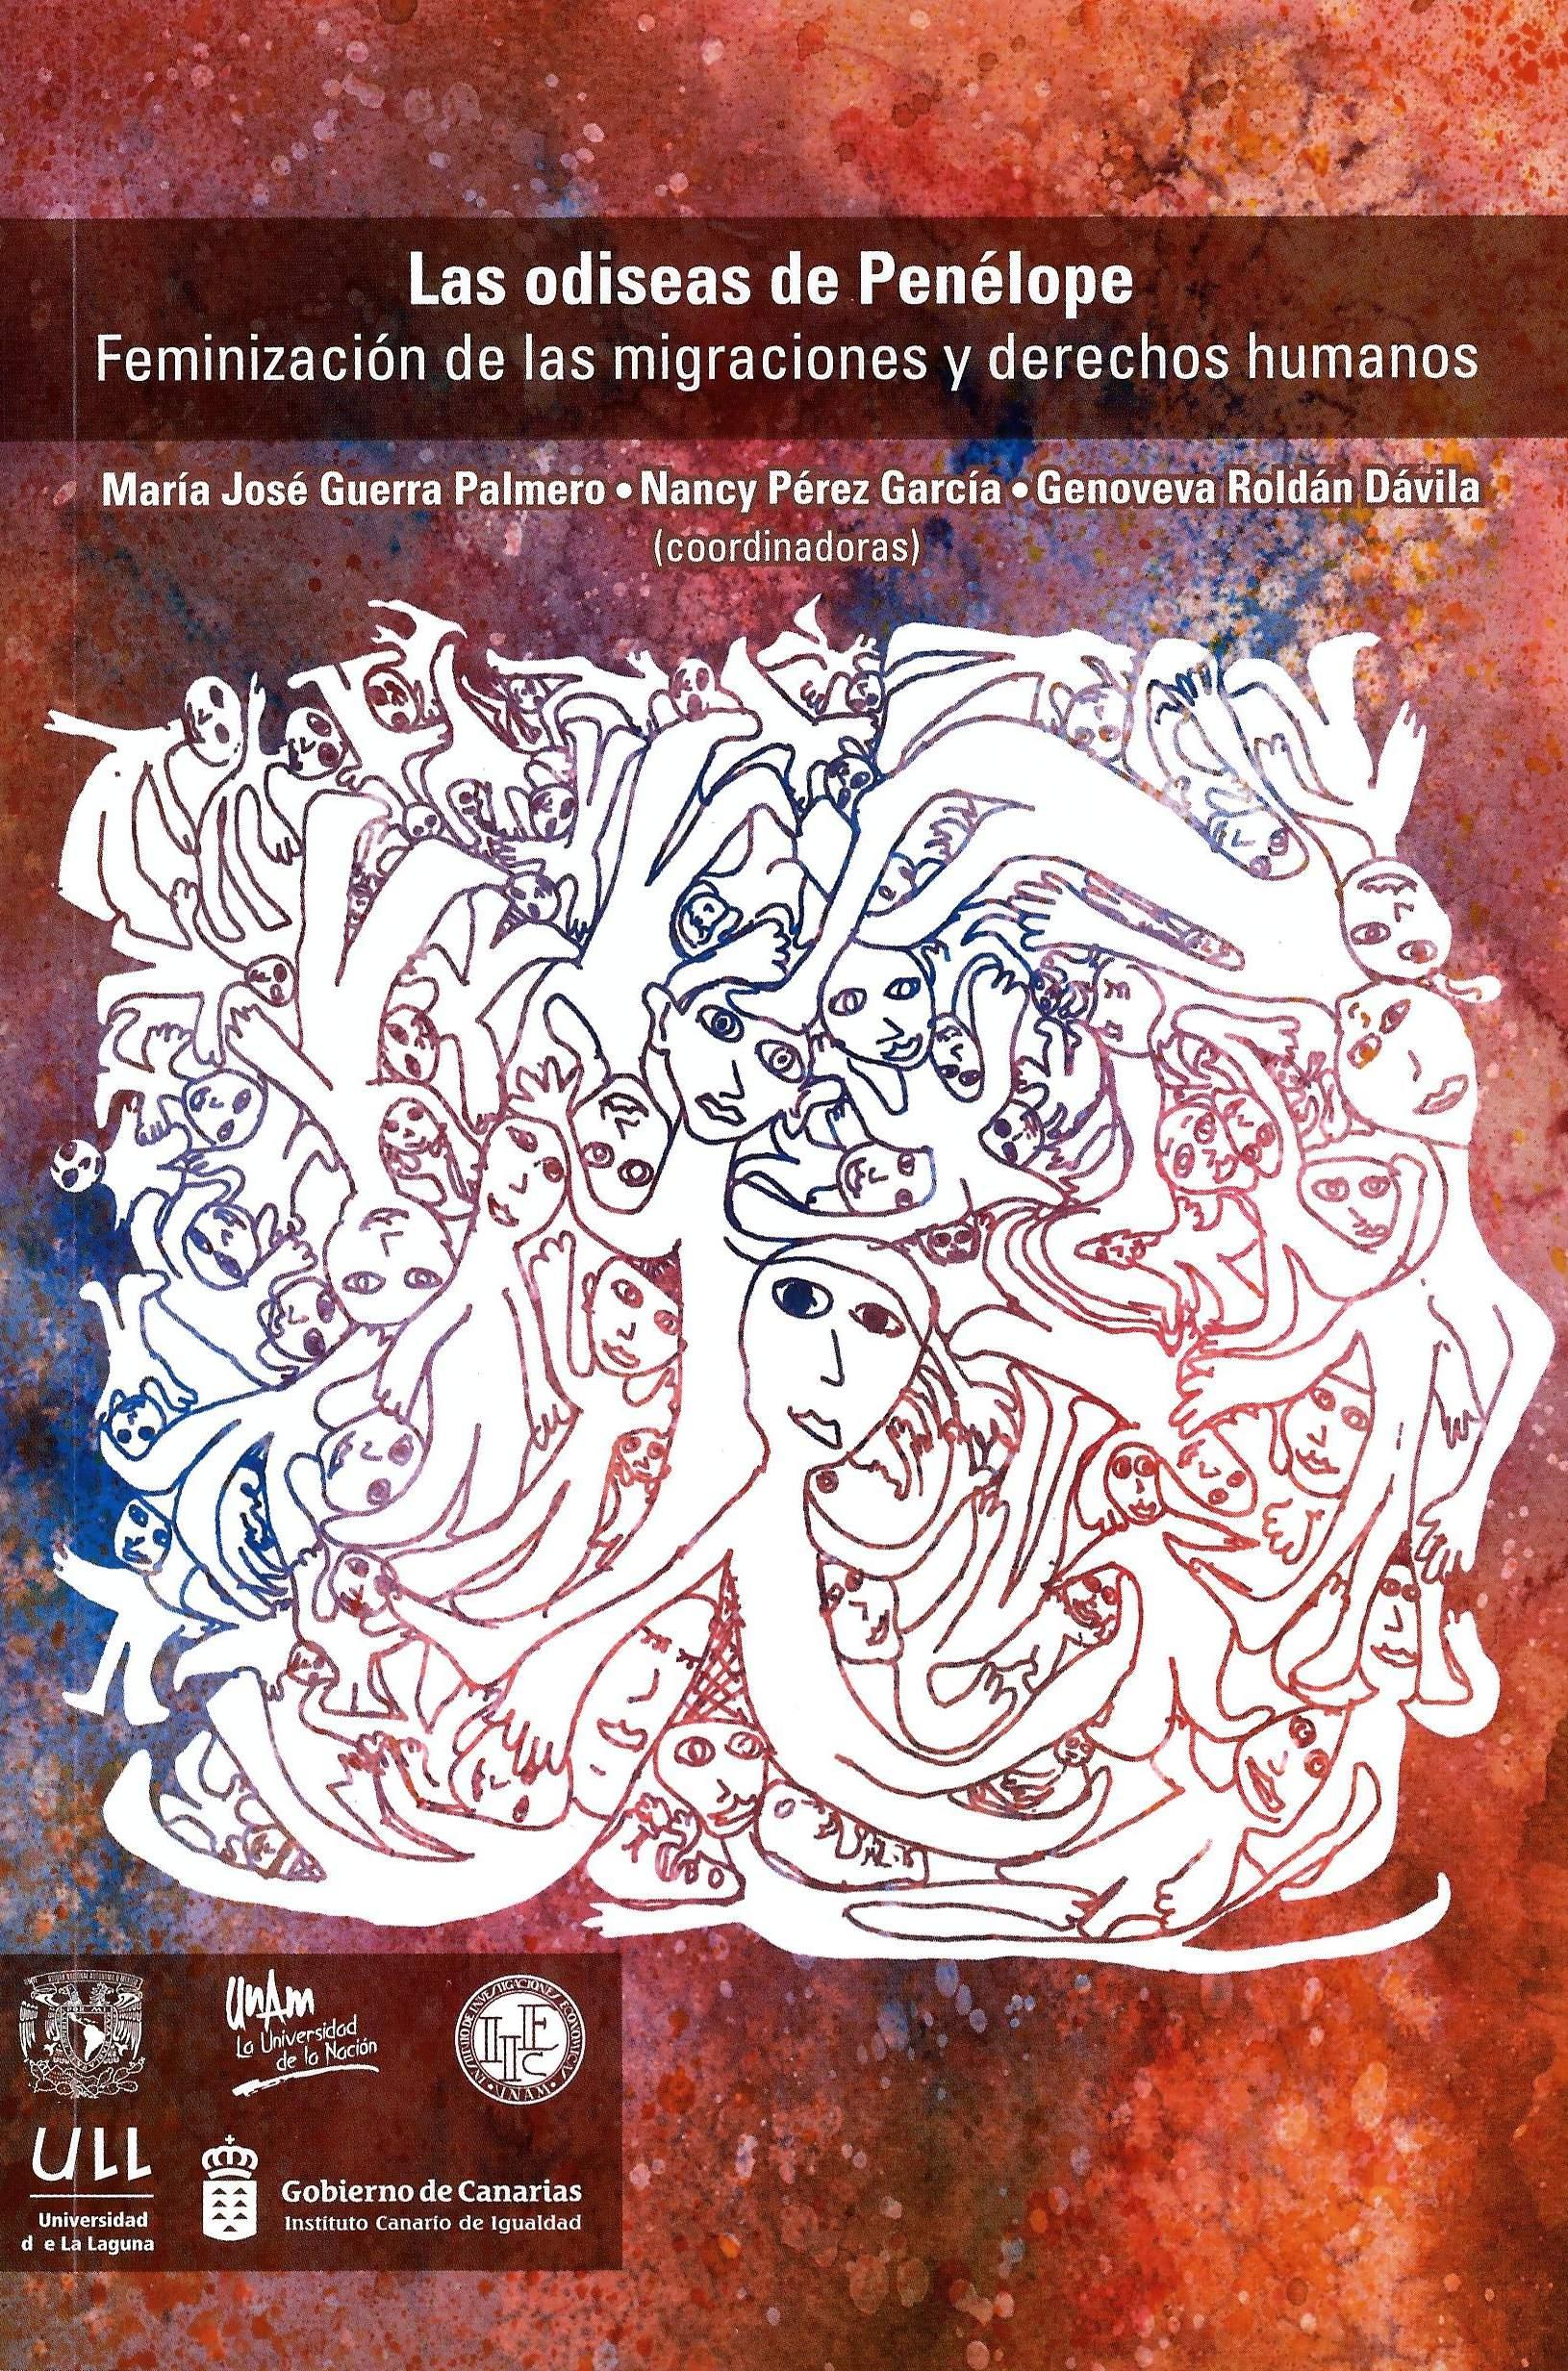 Las Odiseas de Penélope. Feminización de las migraciones y derechos humanos, de María José Guerra Palmero et al.